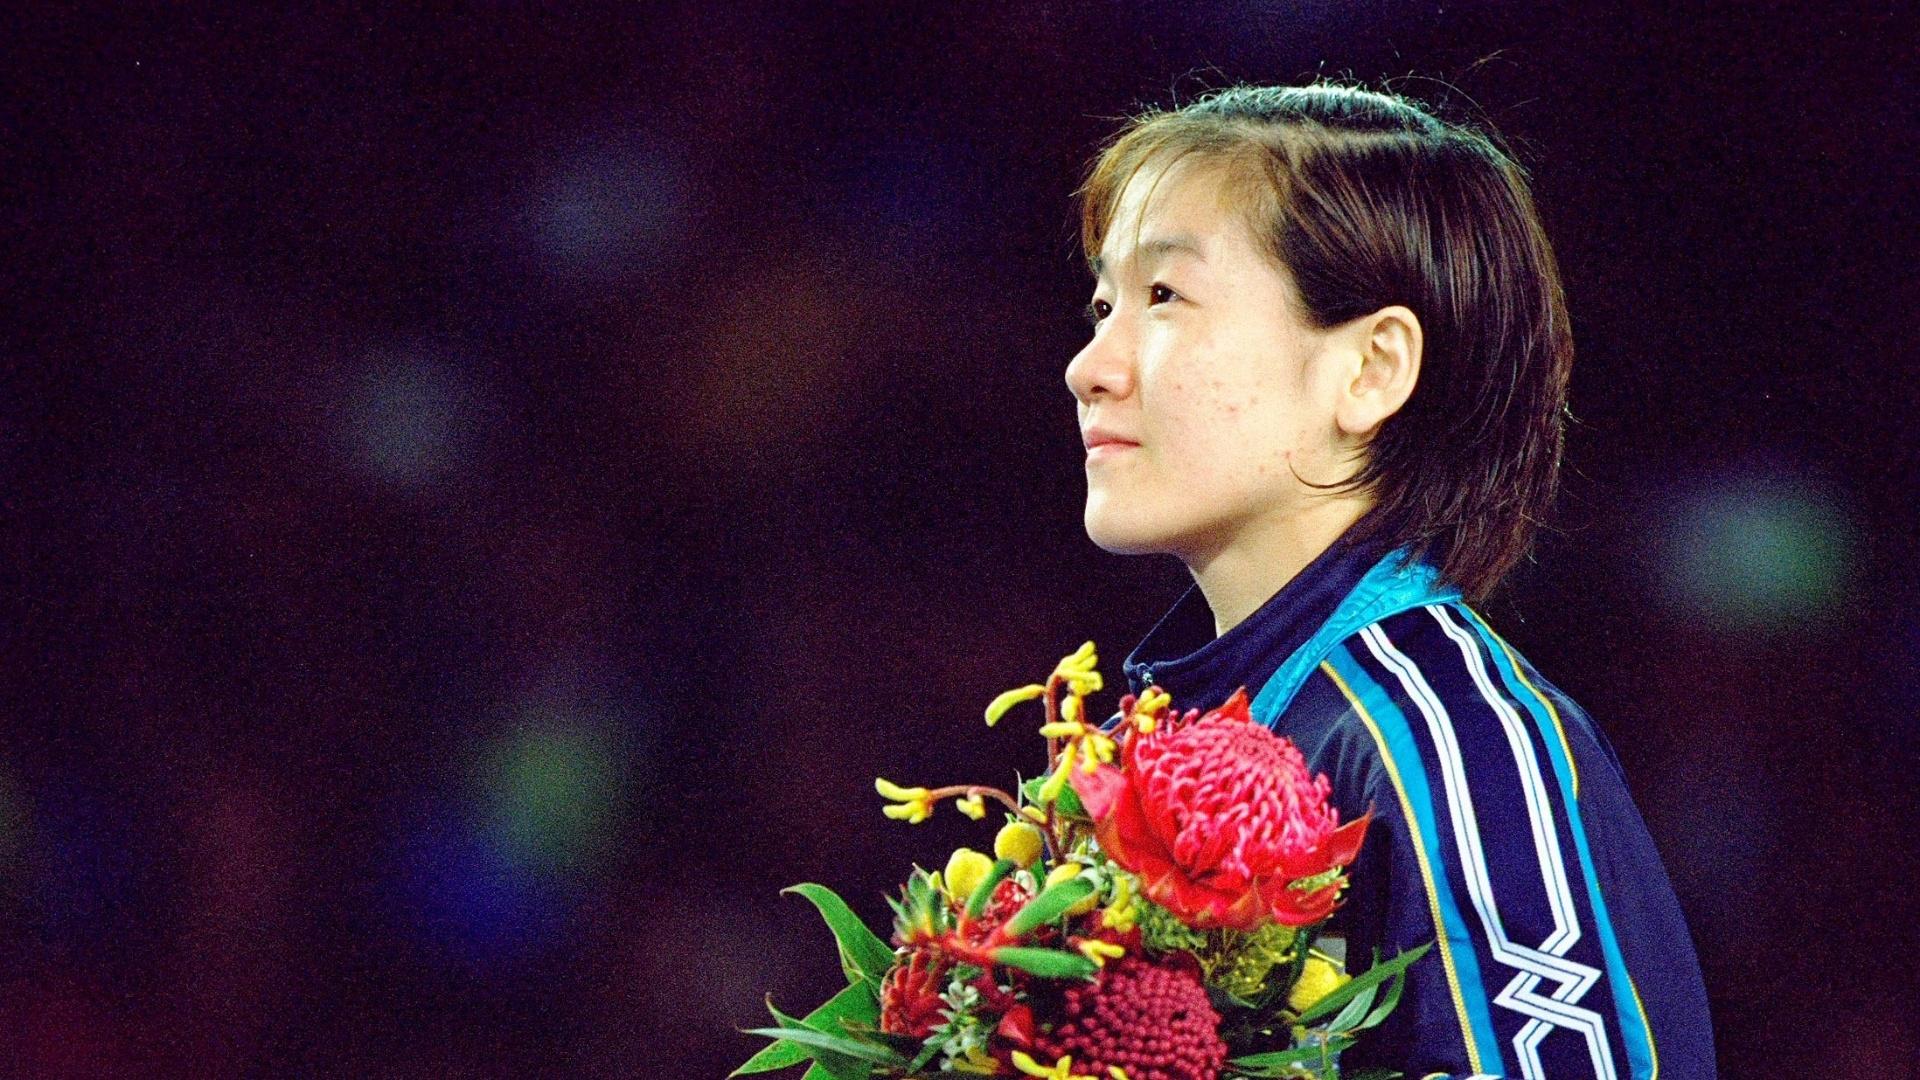 17.set.2000 - Ryoko Tamura Tani ouve o hino do Japão após conquistar a medalha de ouro no judô na Olimpíada de Sydney-2000